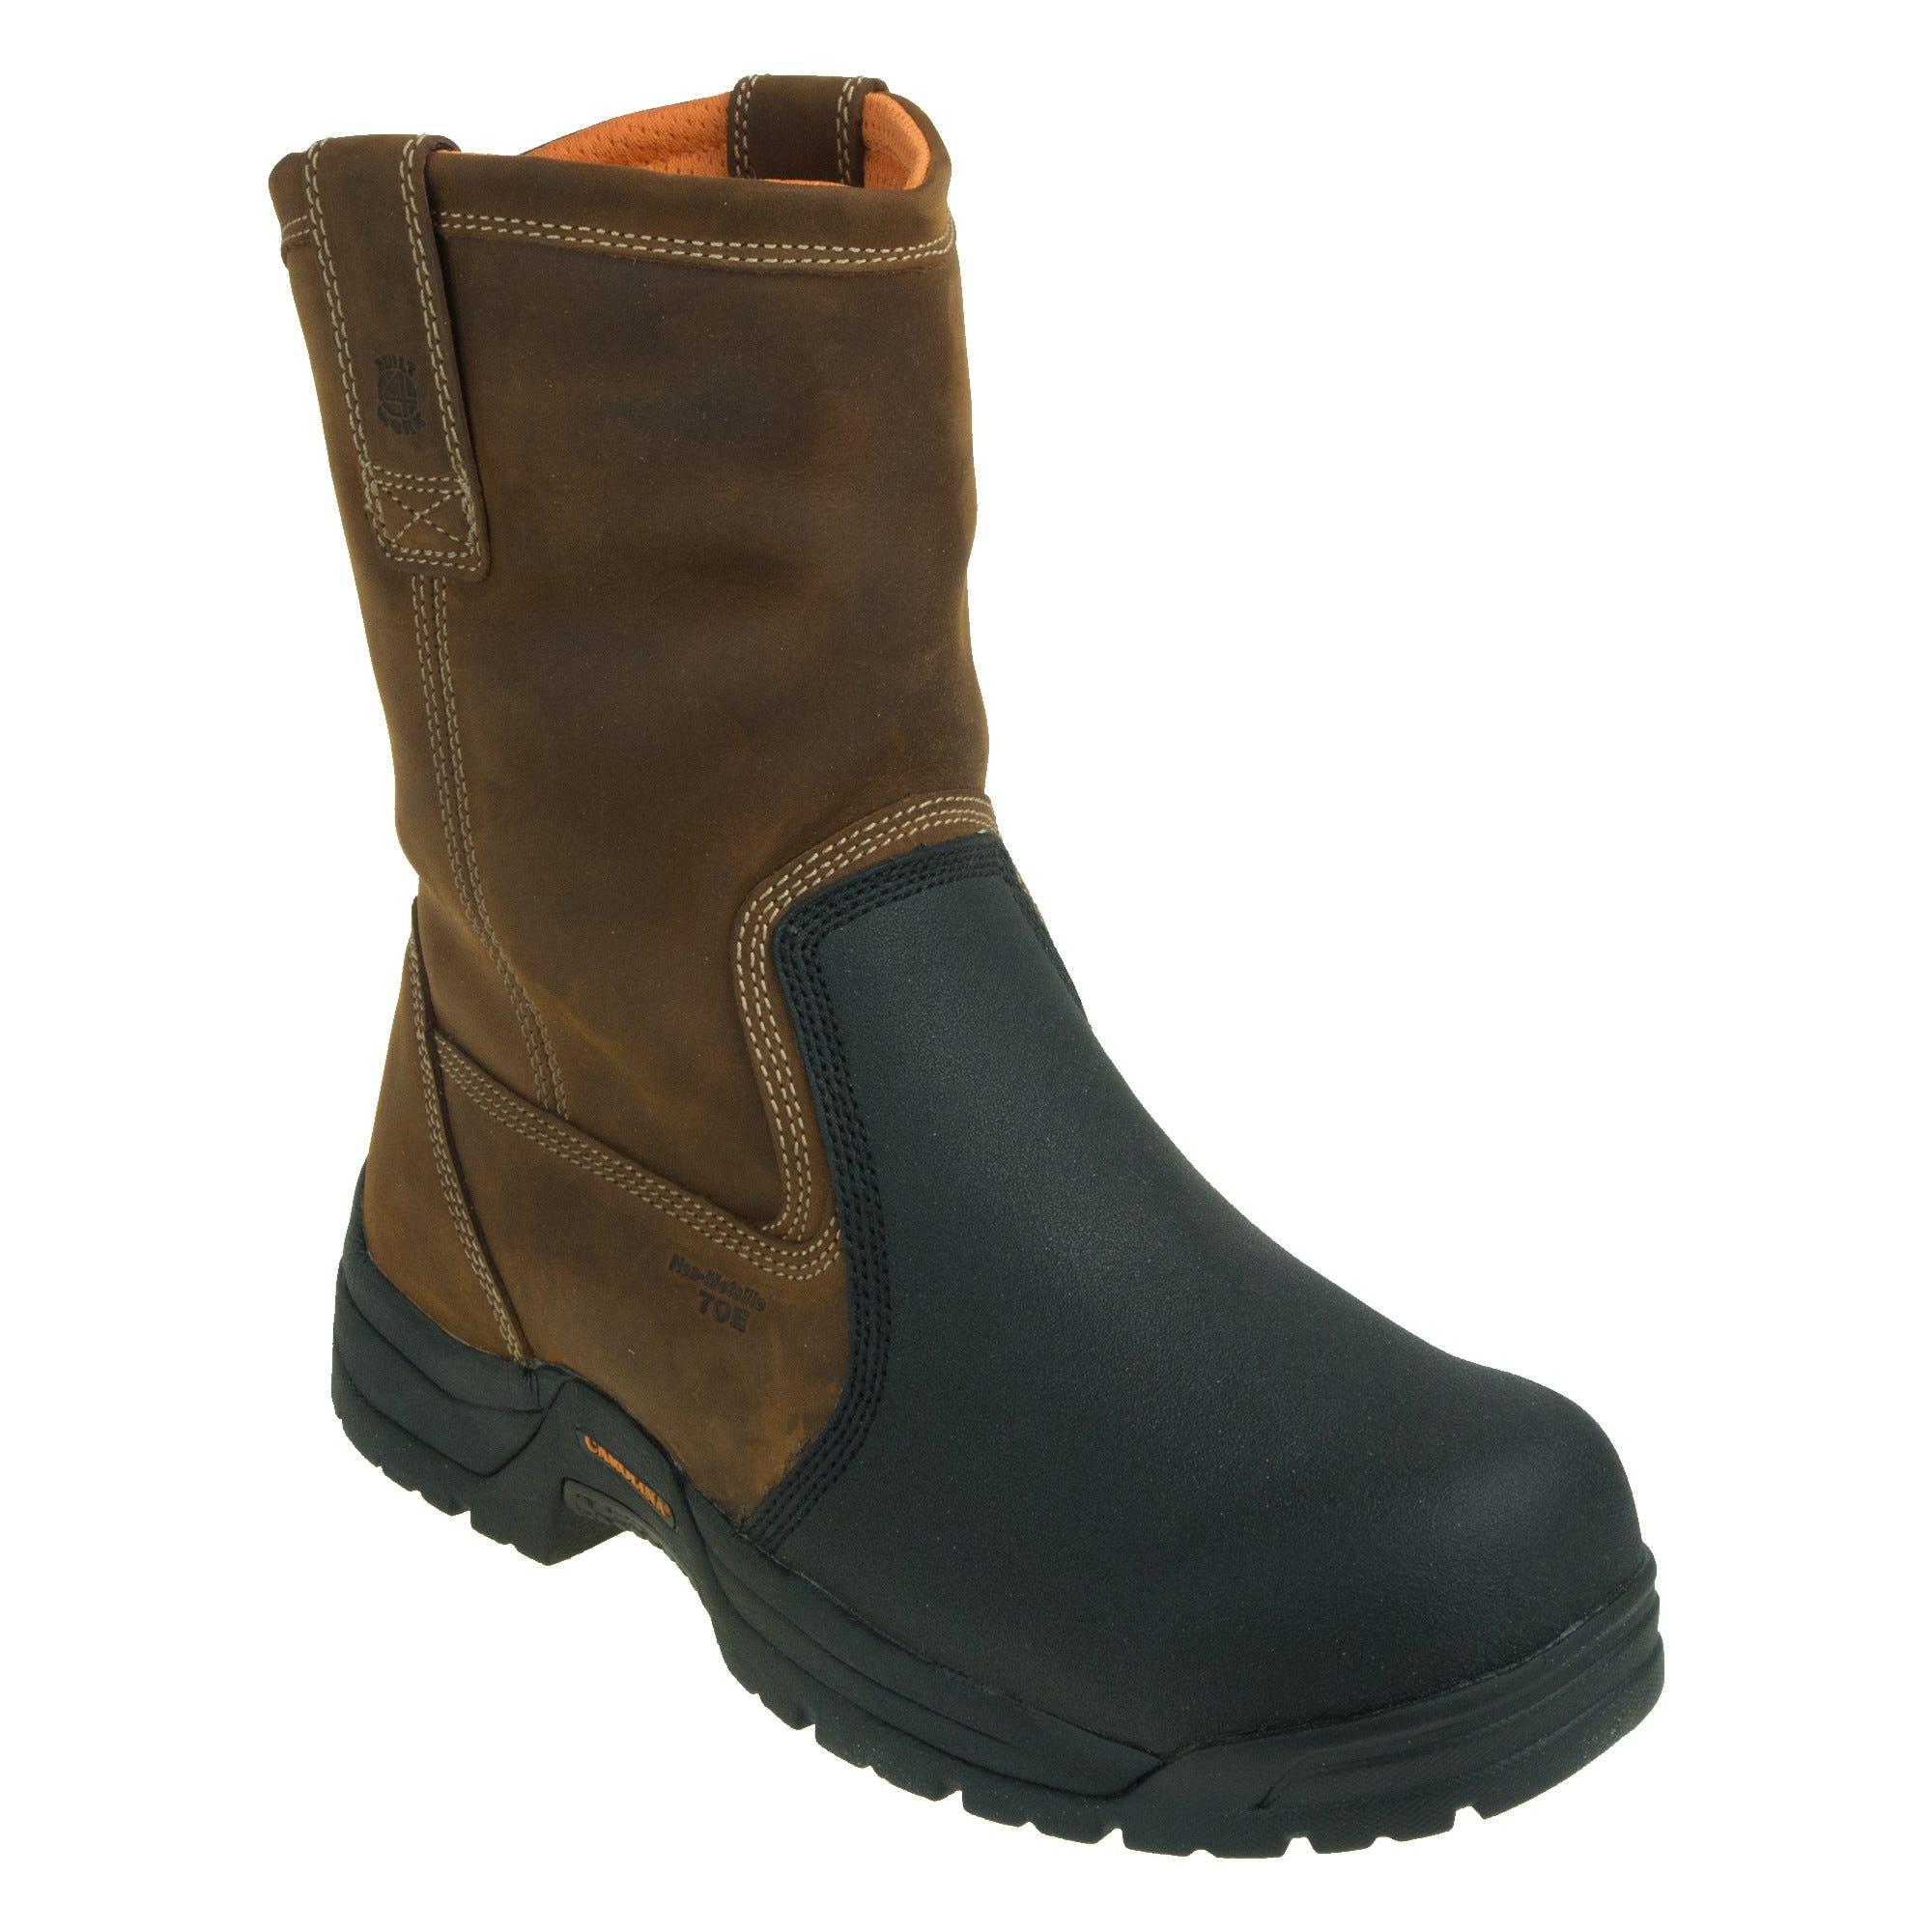 51c48bf59ea Carolina Boots: Men's Composite Toe CA4582 MetGuard EH Work Boots ...